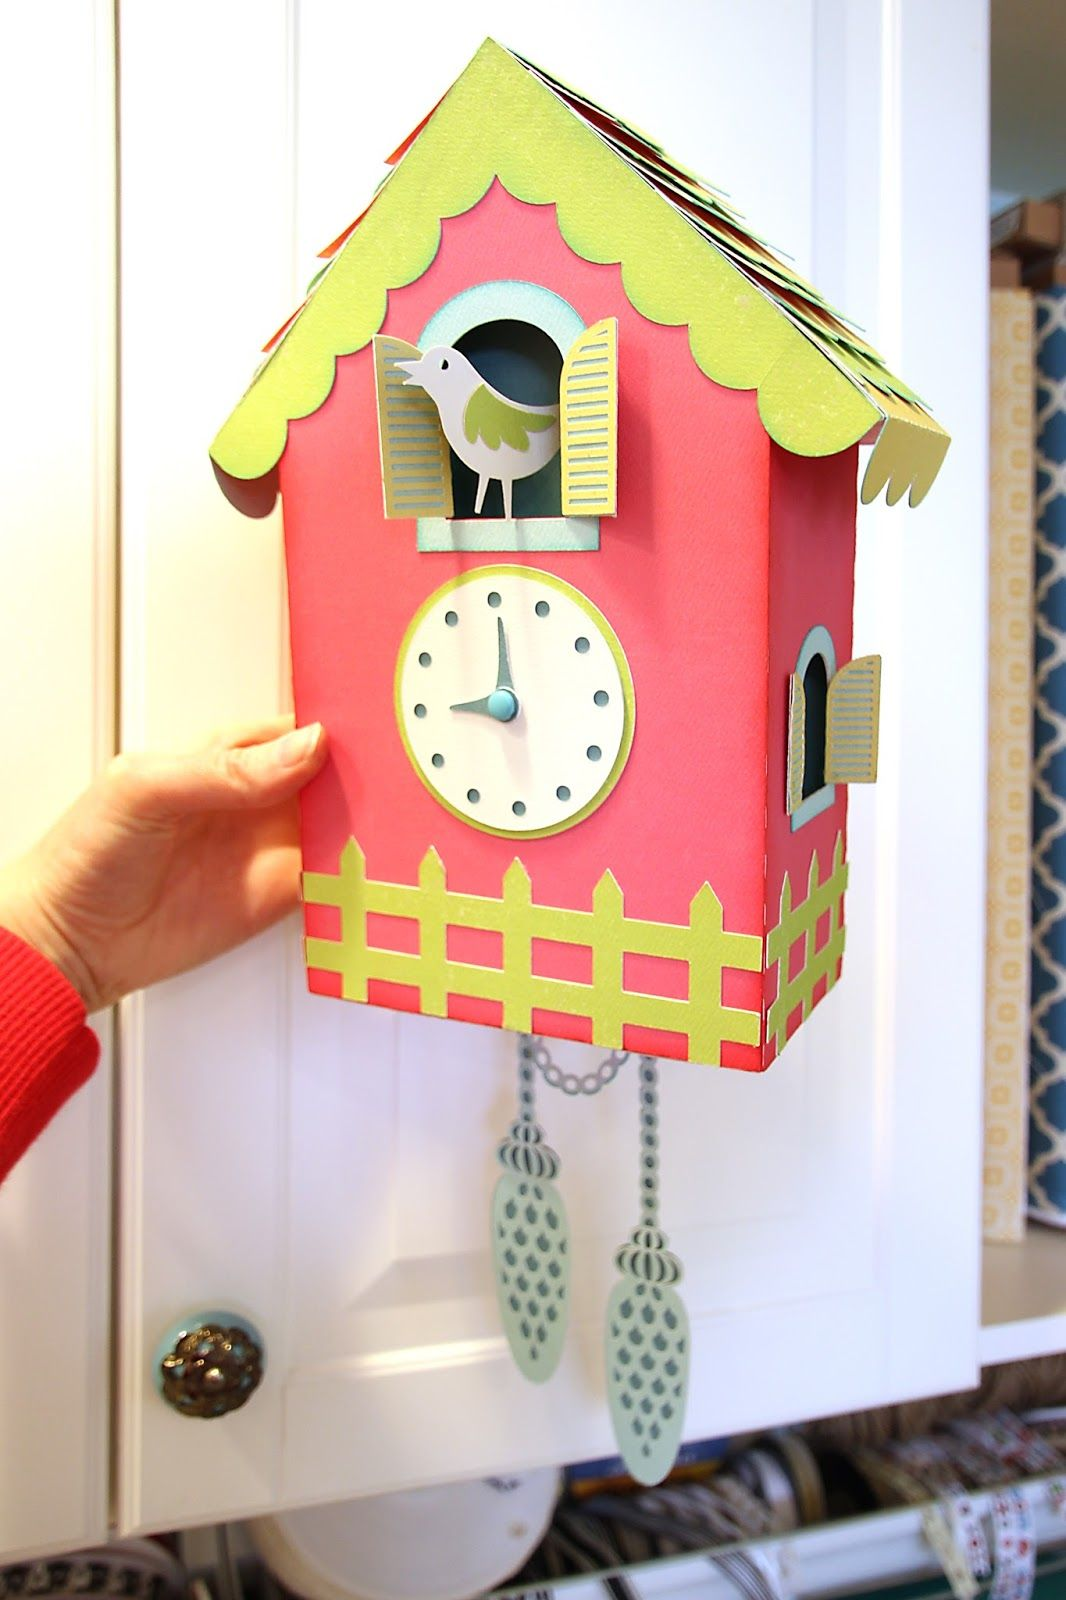 Diy Craft Clock Making